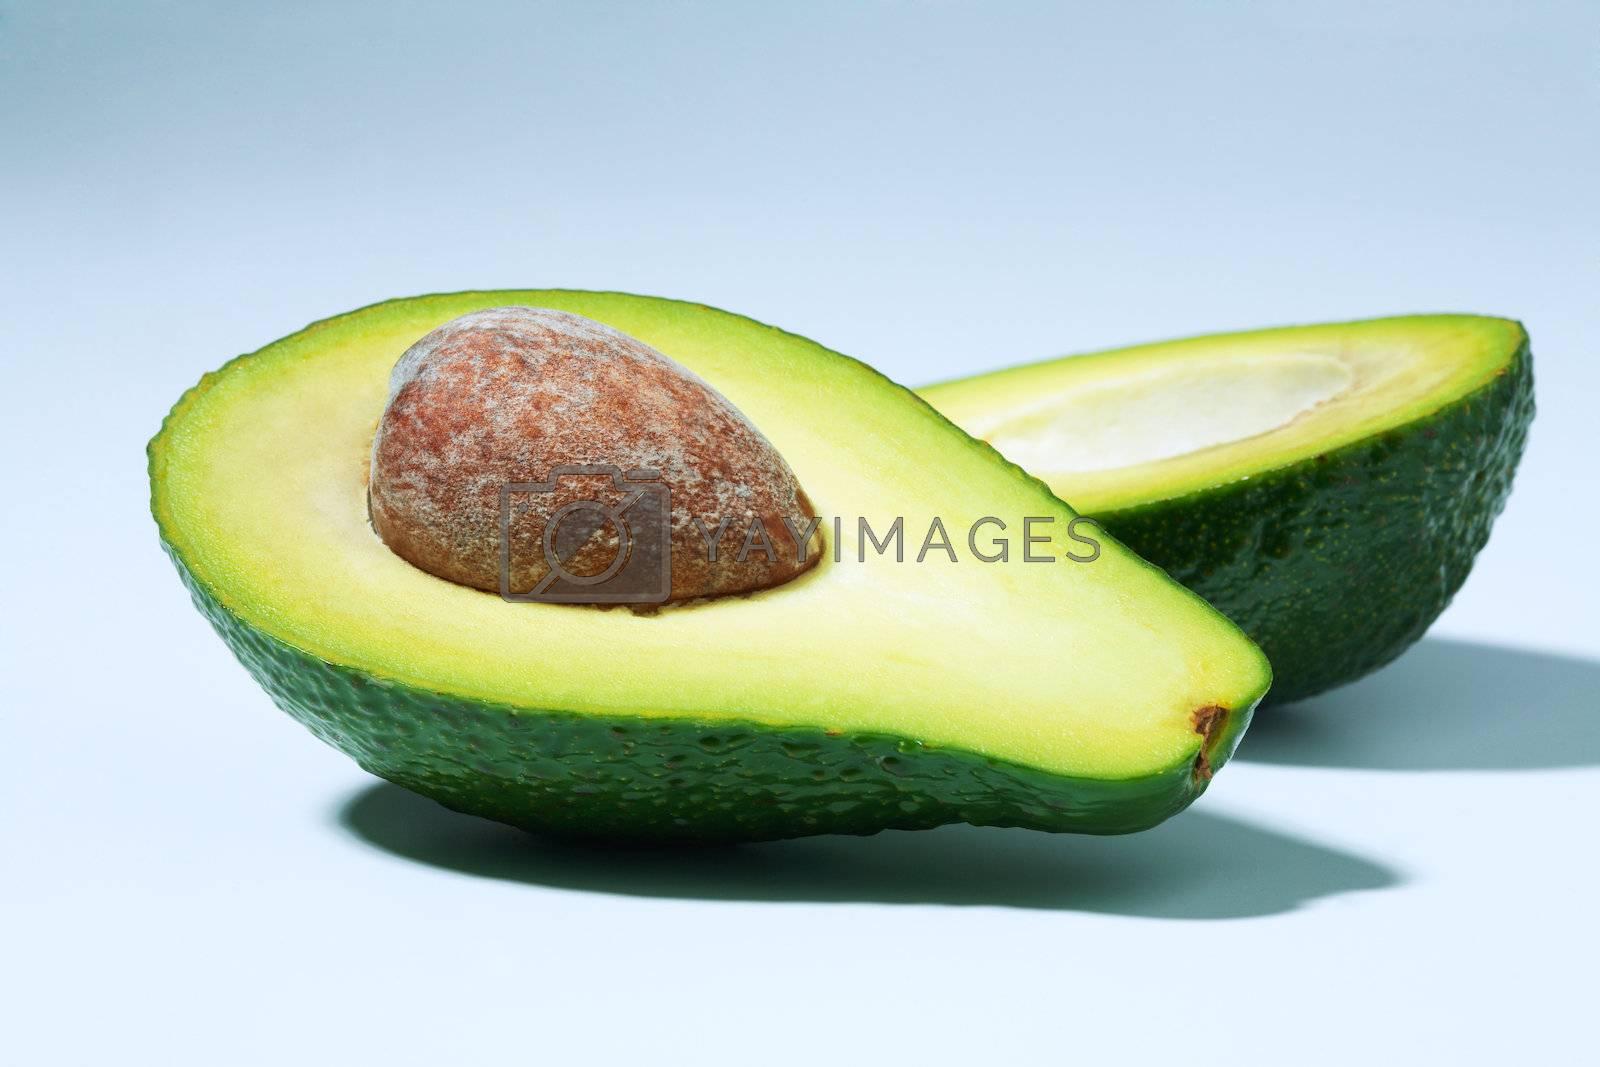 Close-up avocado sliced in half